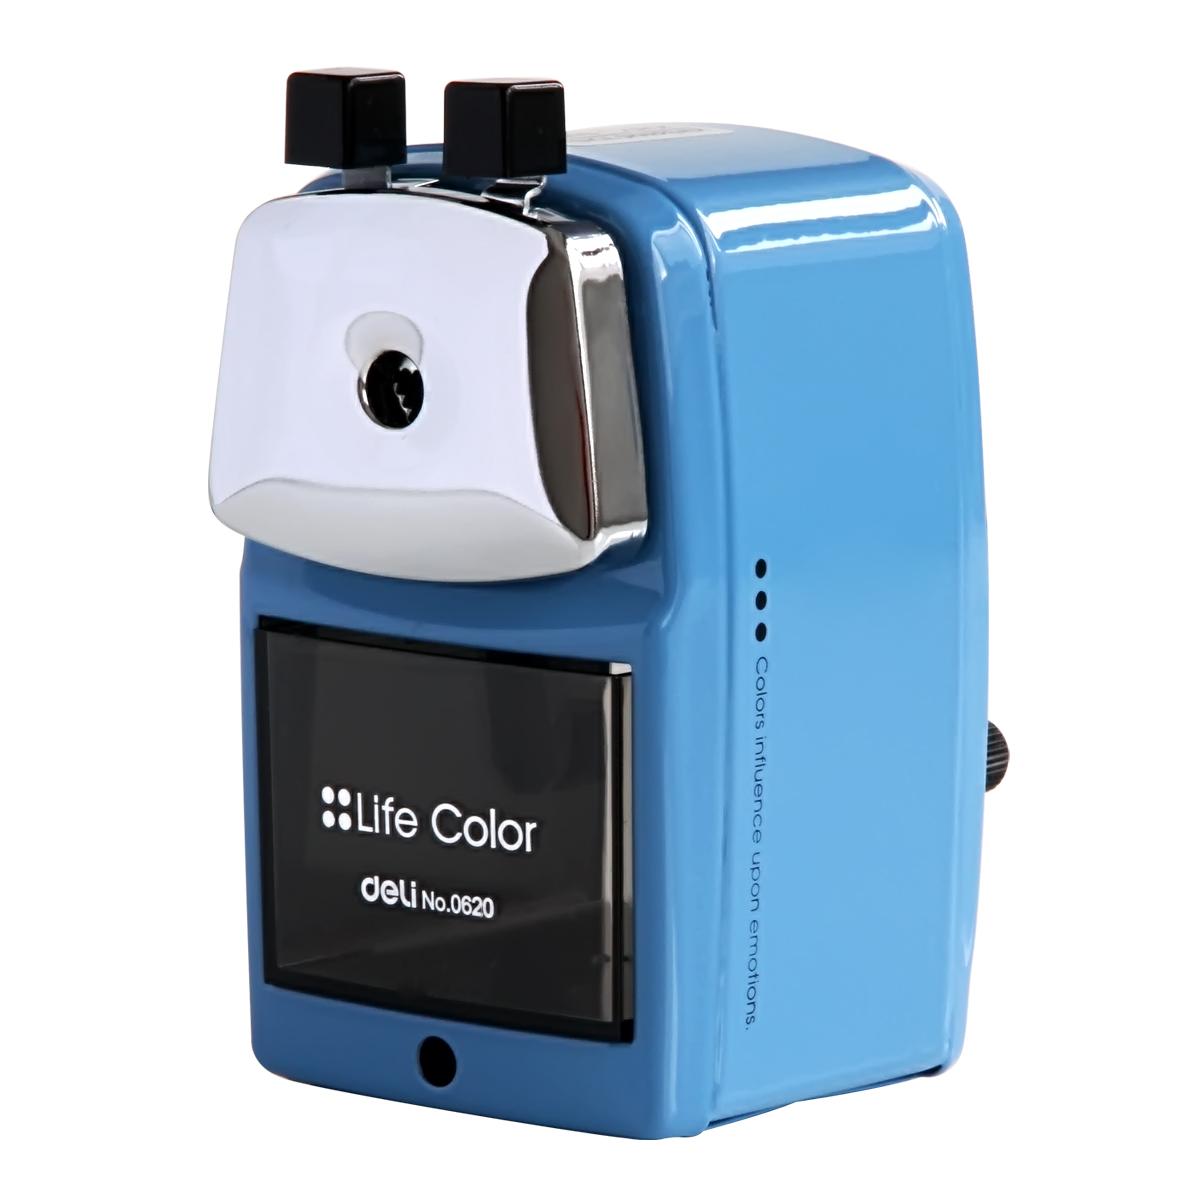 得力(deli)0620金属削笔机器 卷笔刀 转笔刀 卷笔器 蓝色